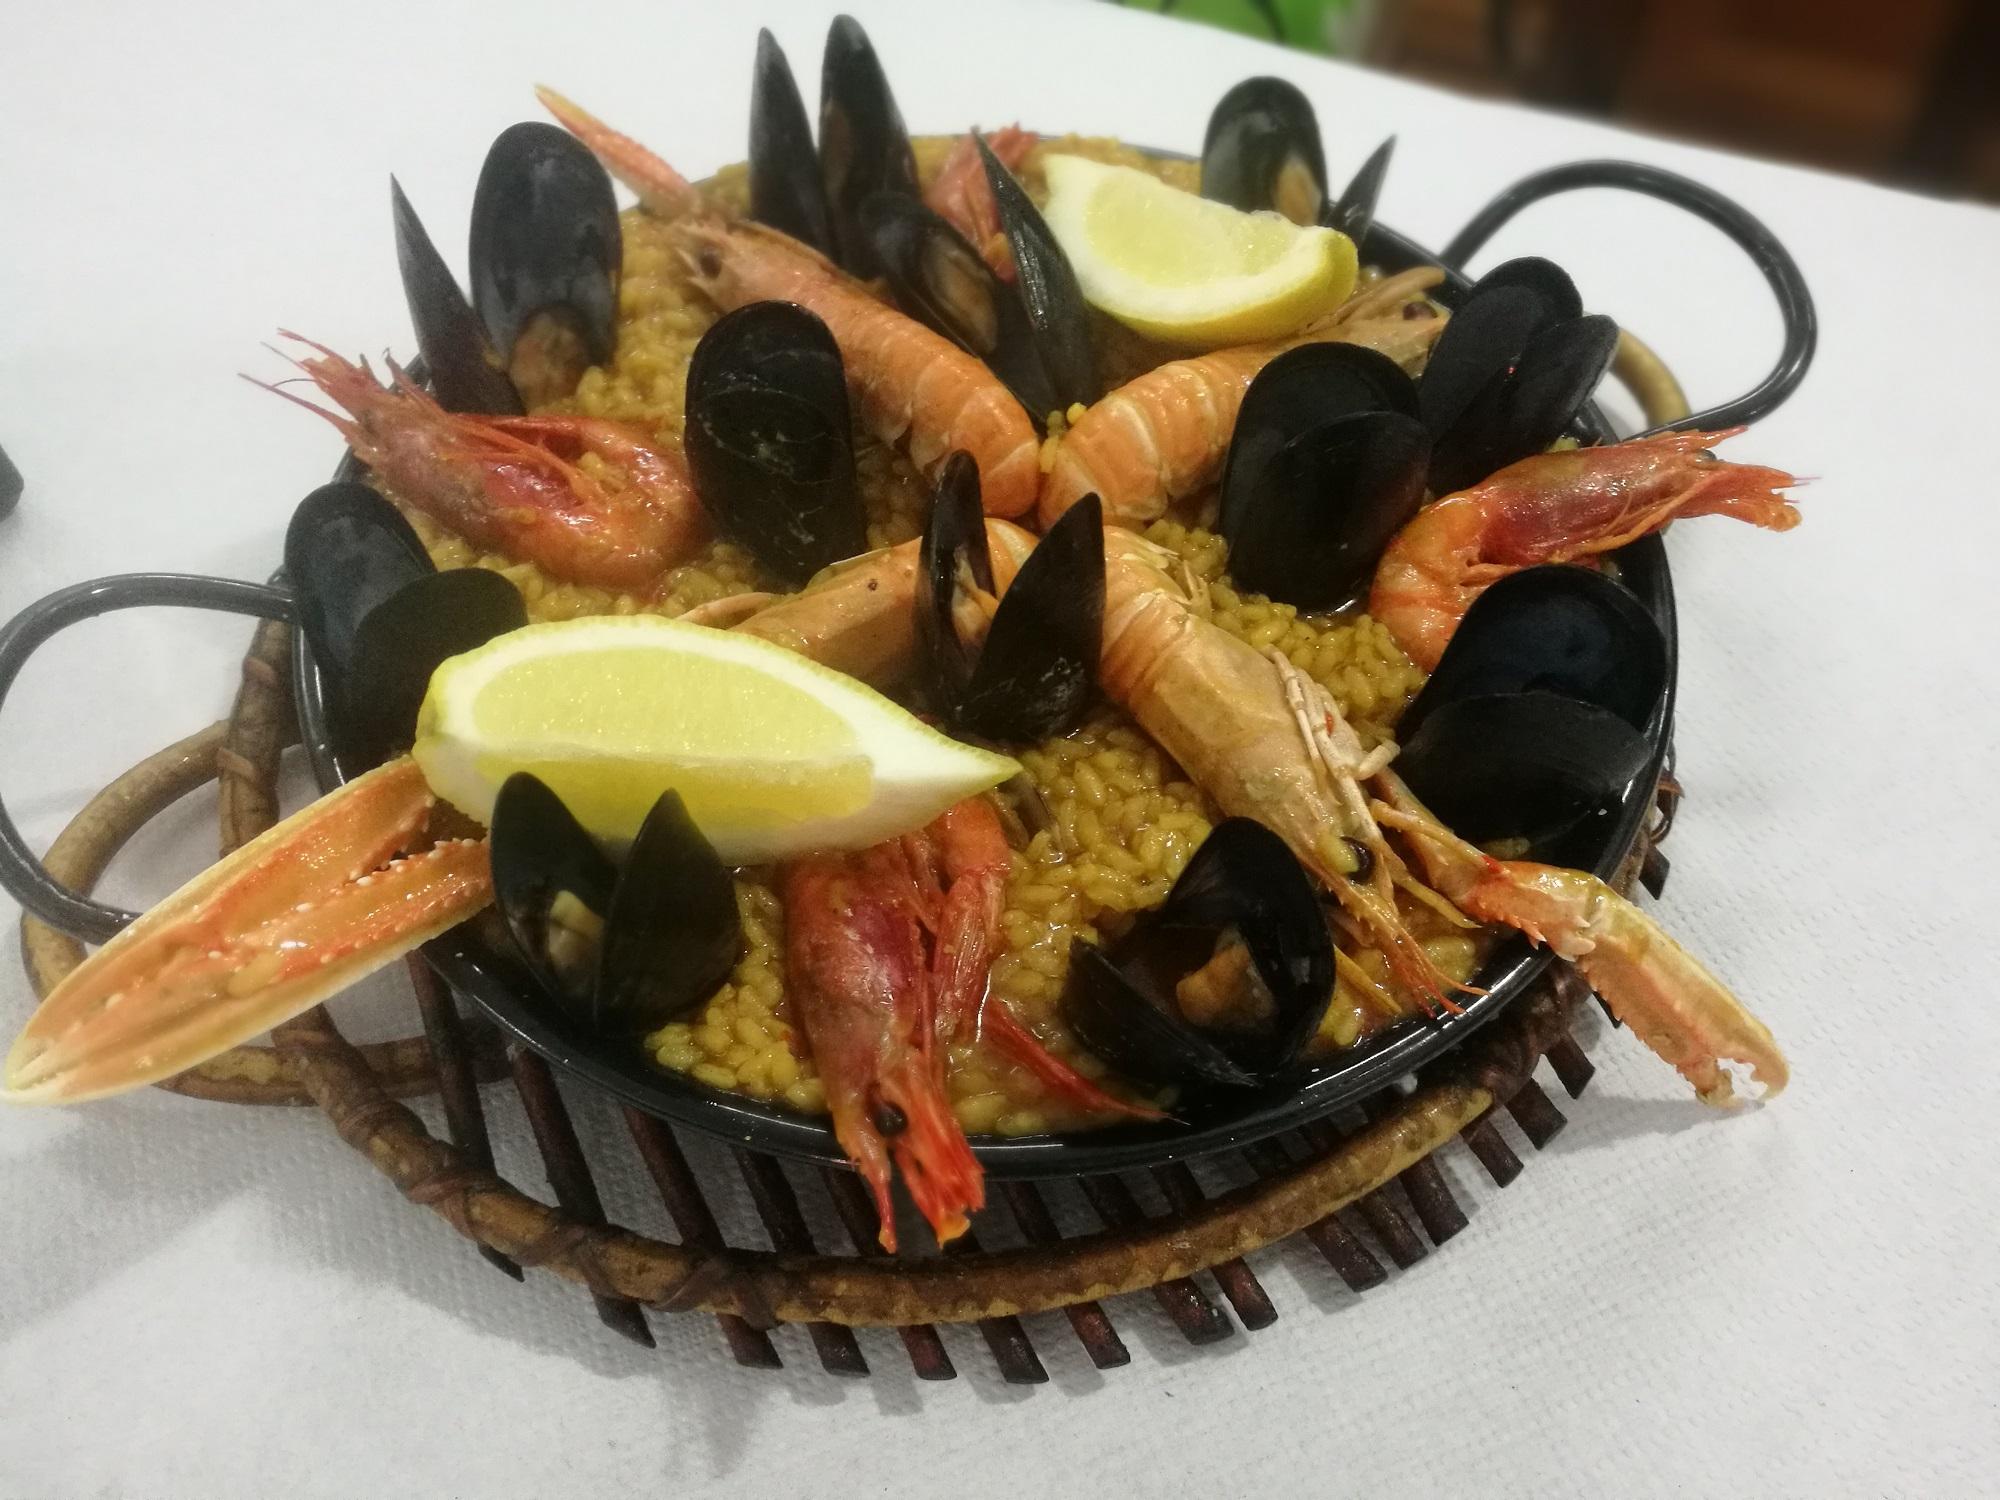 Paella Marisqueria Melchor Badalona